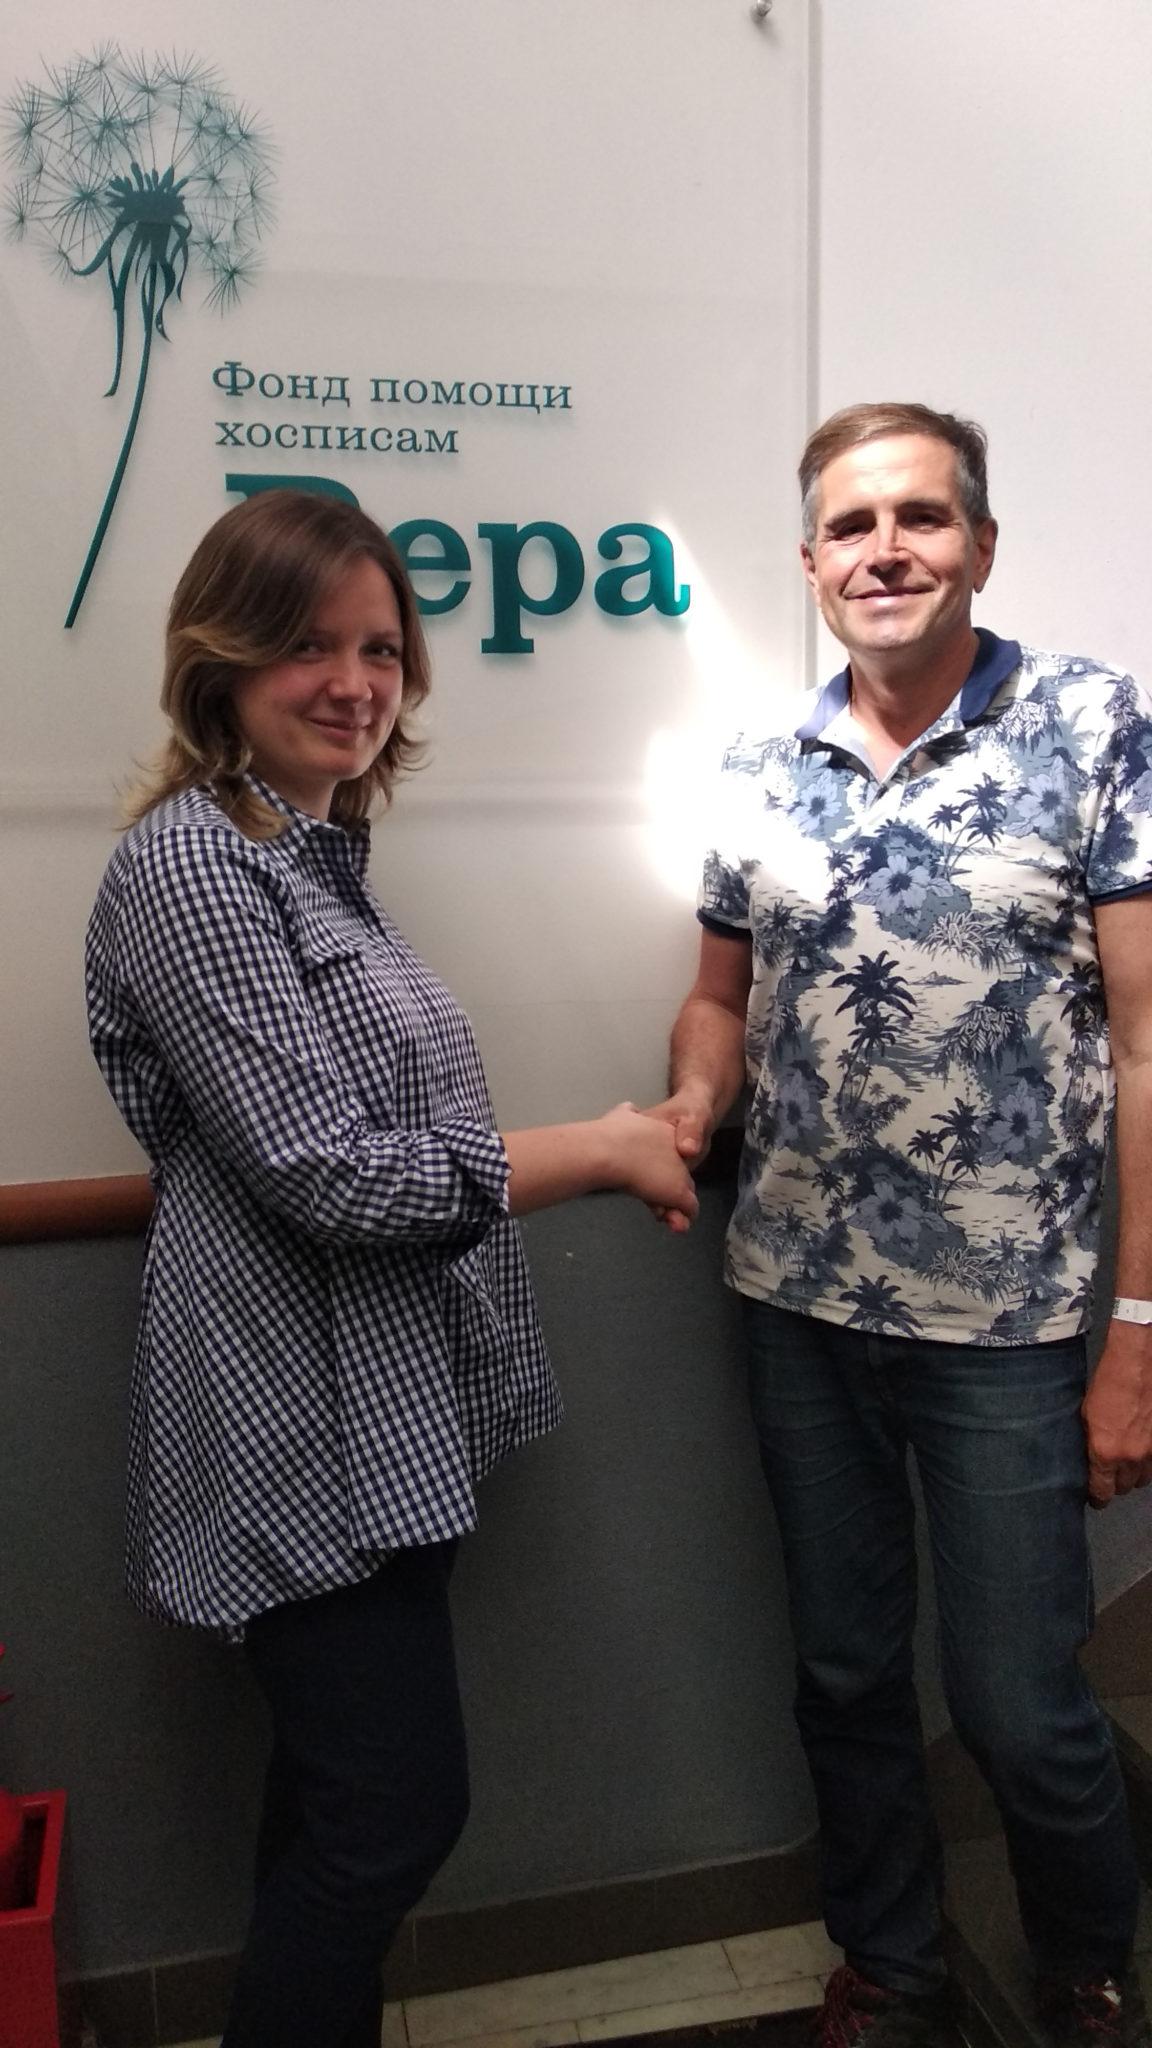 Во время поездки в Москву встретился с руководителем фонда помощи хосписам «Вера» Ю. Матвеевой.